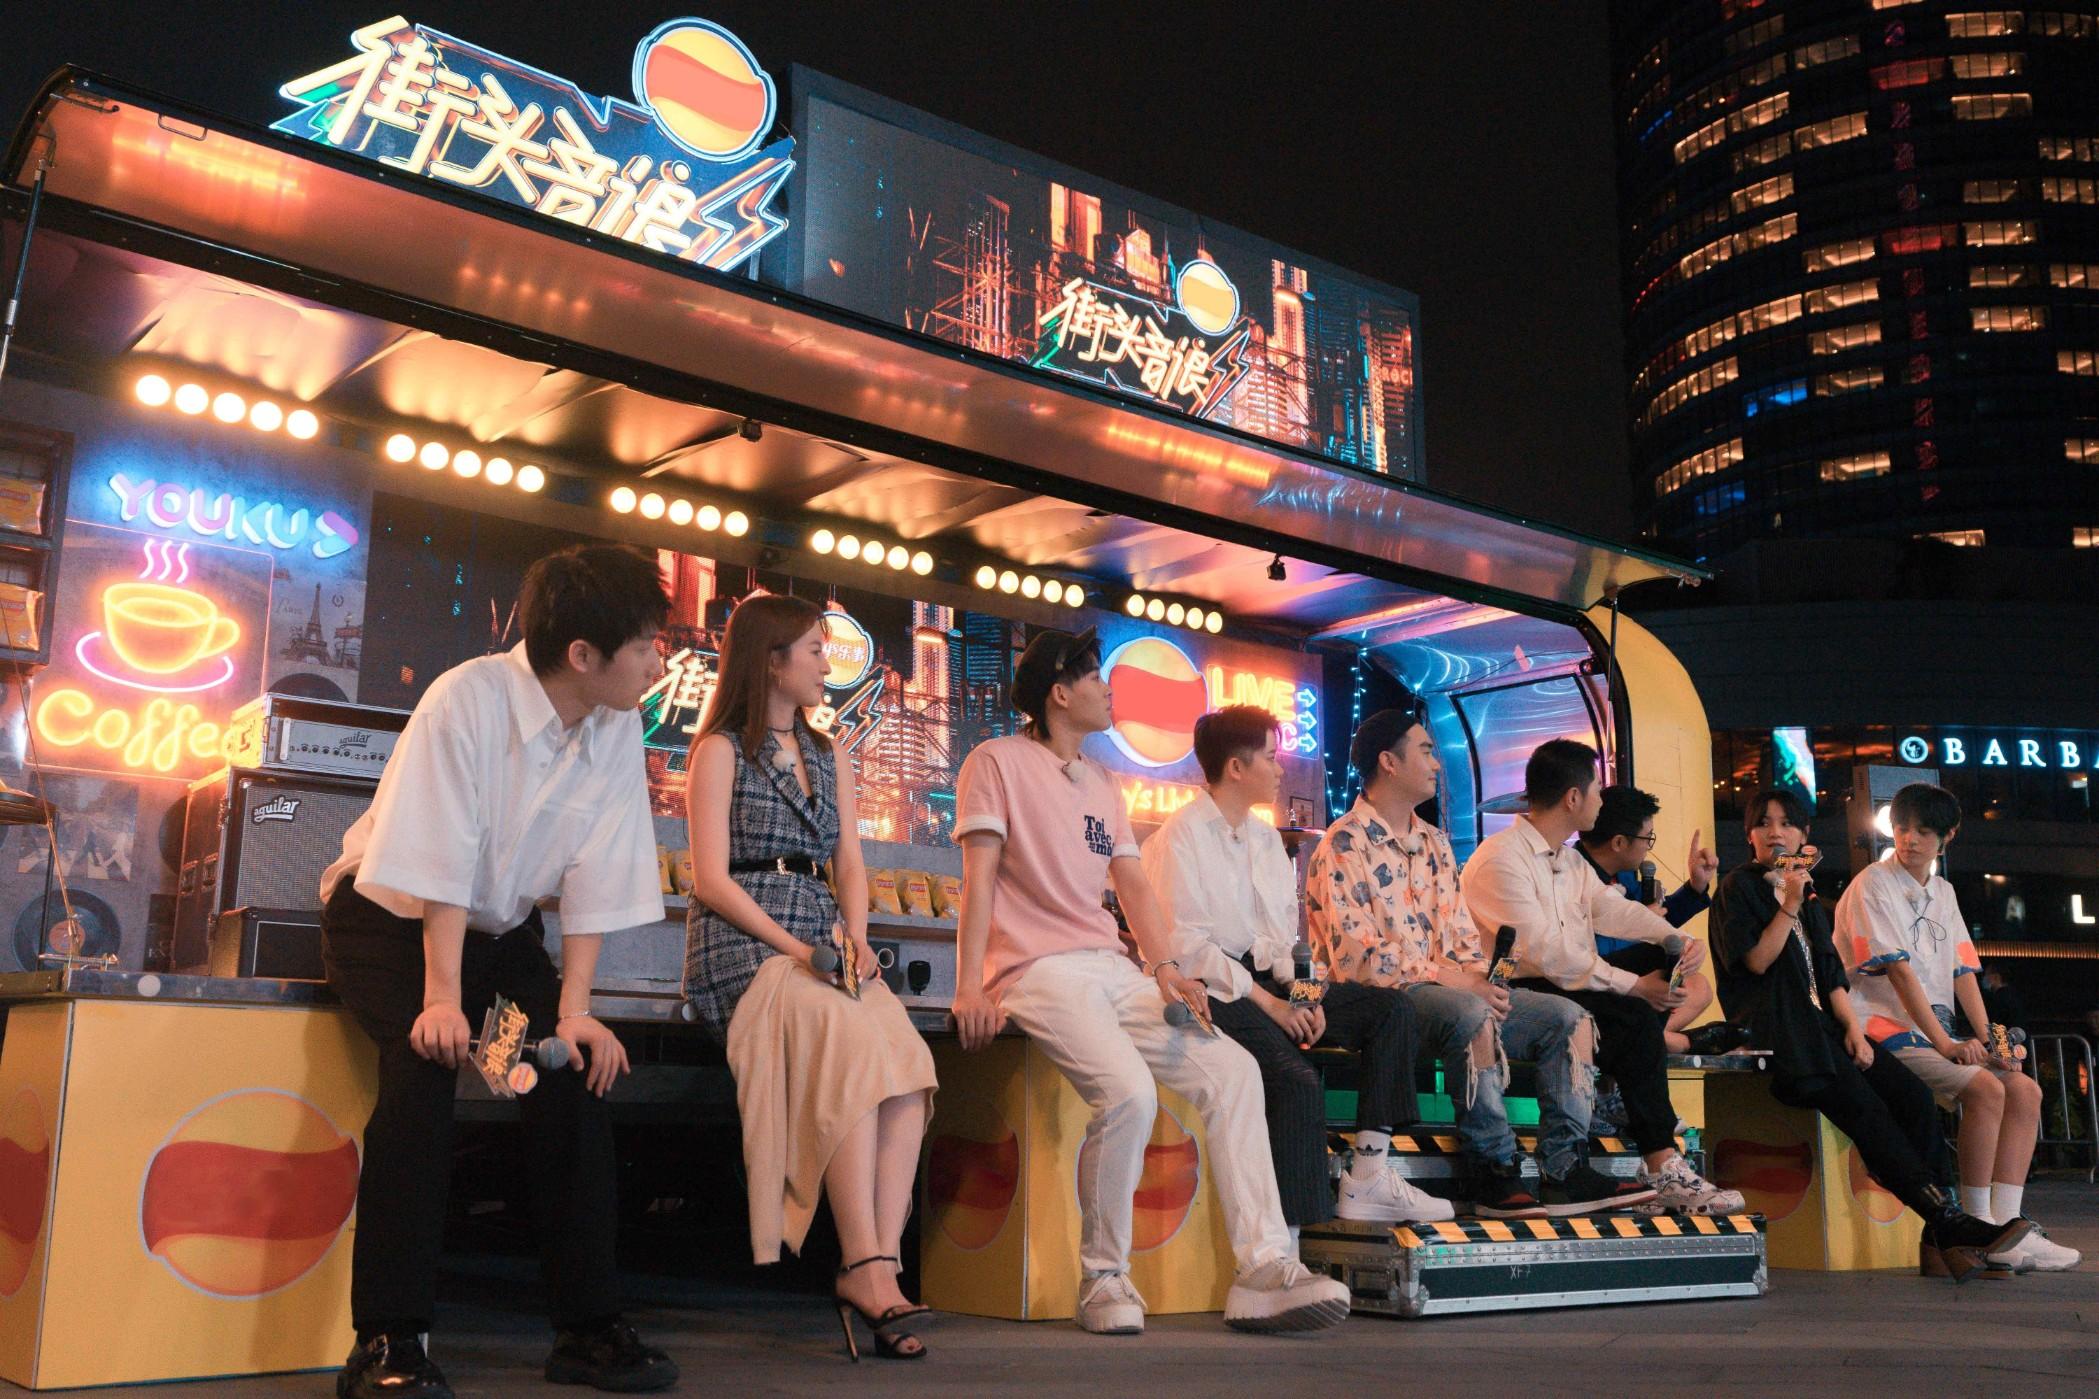 梦响群星现身《街头音浪》发布会演绎原创为节目助力